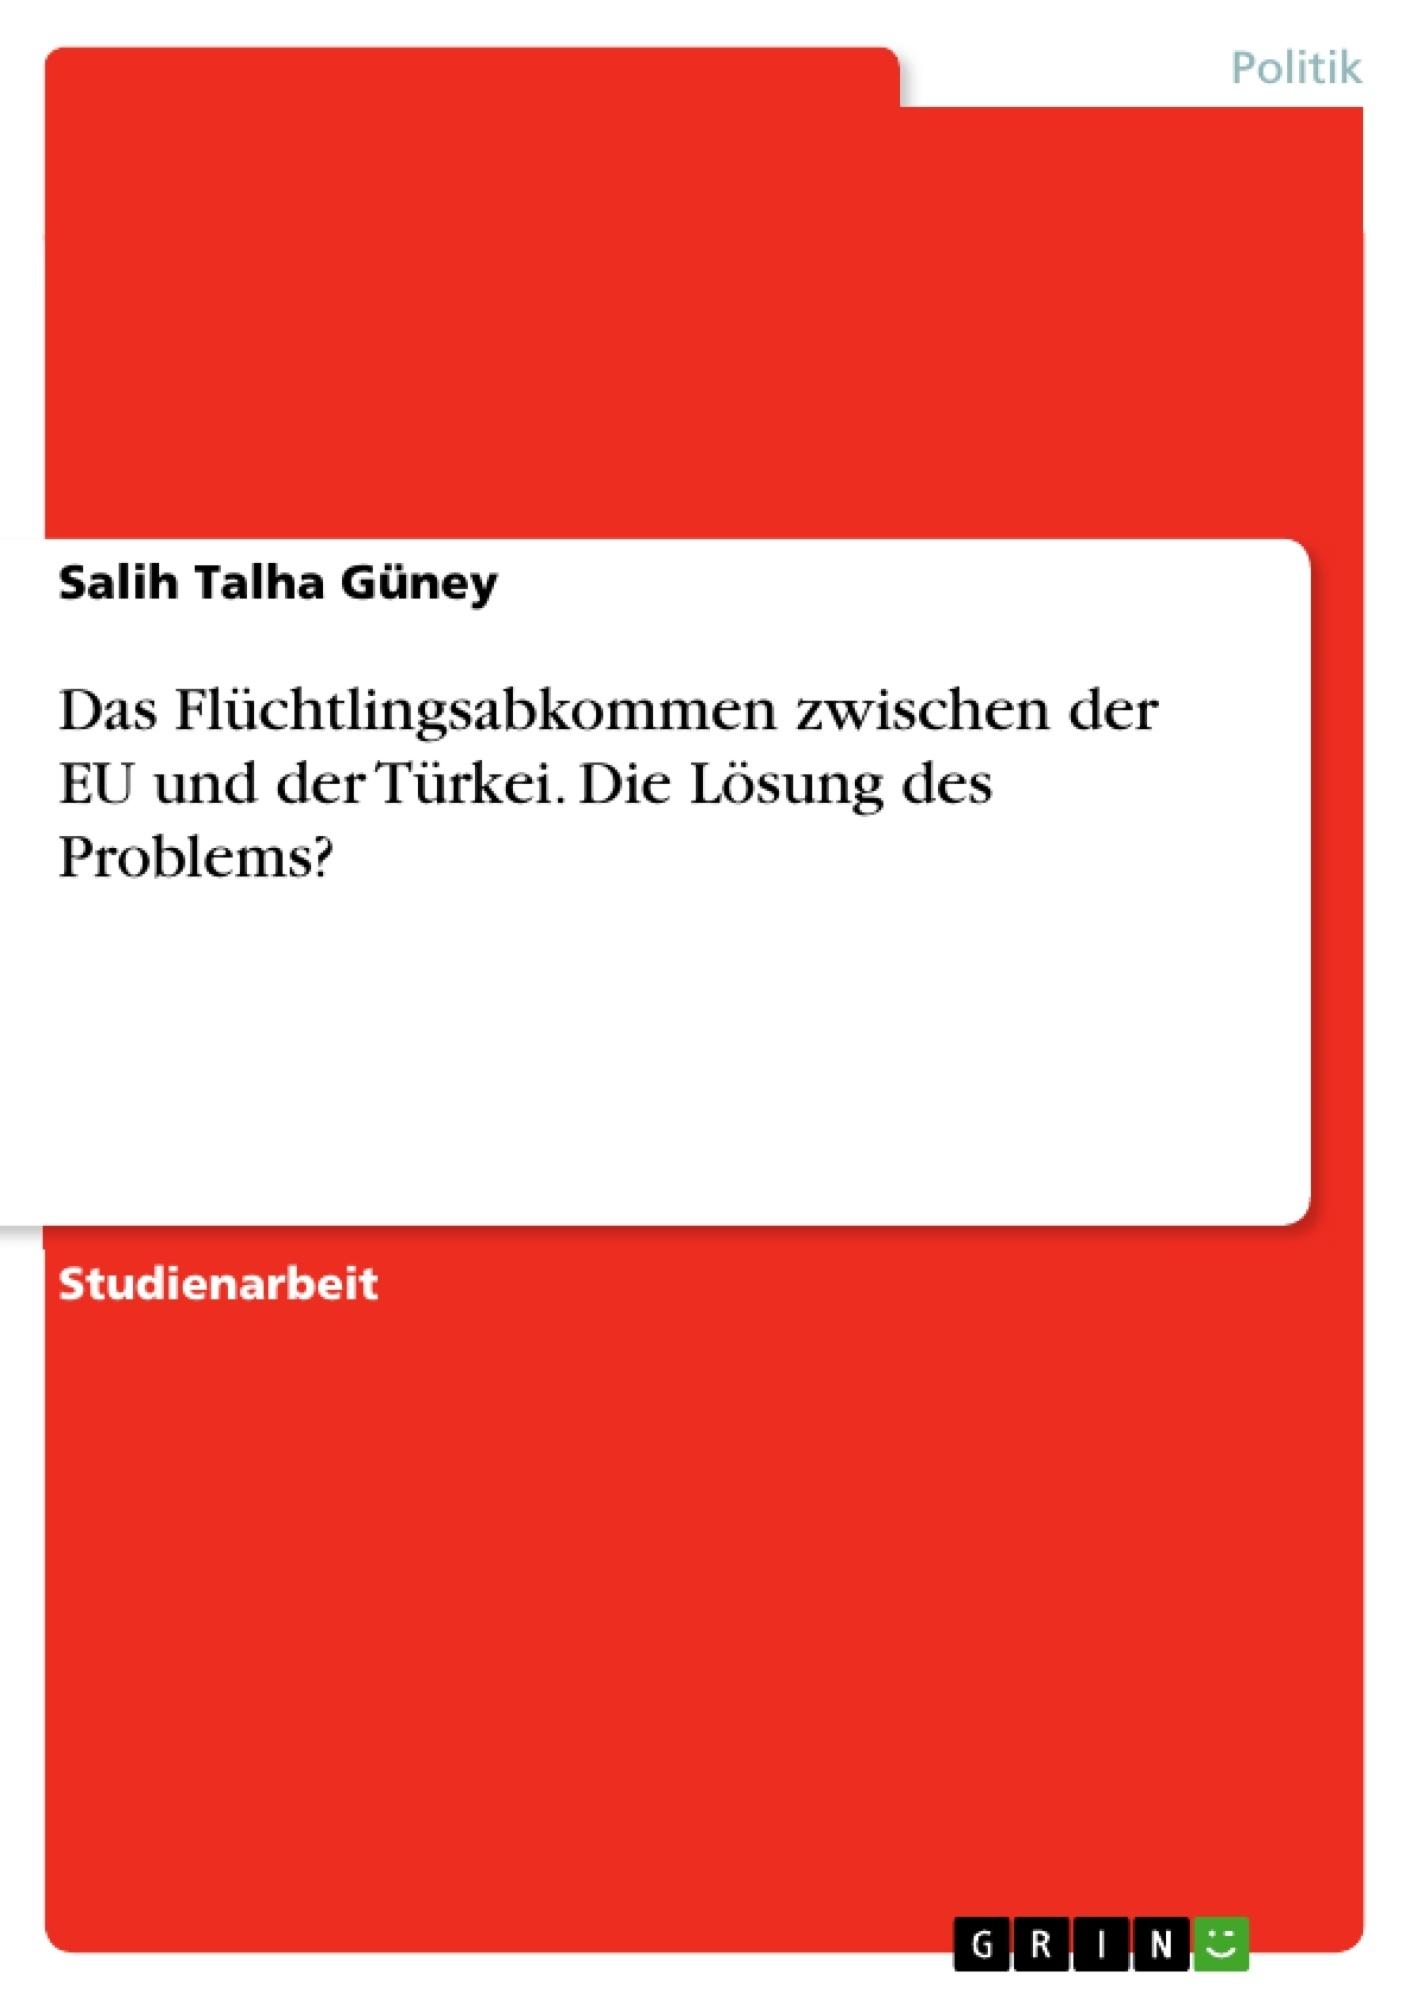 Titel: Das Flüchtlingsabkommen zwischen der EU und der Türkei. Die Lösung des Problems?